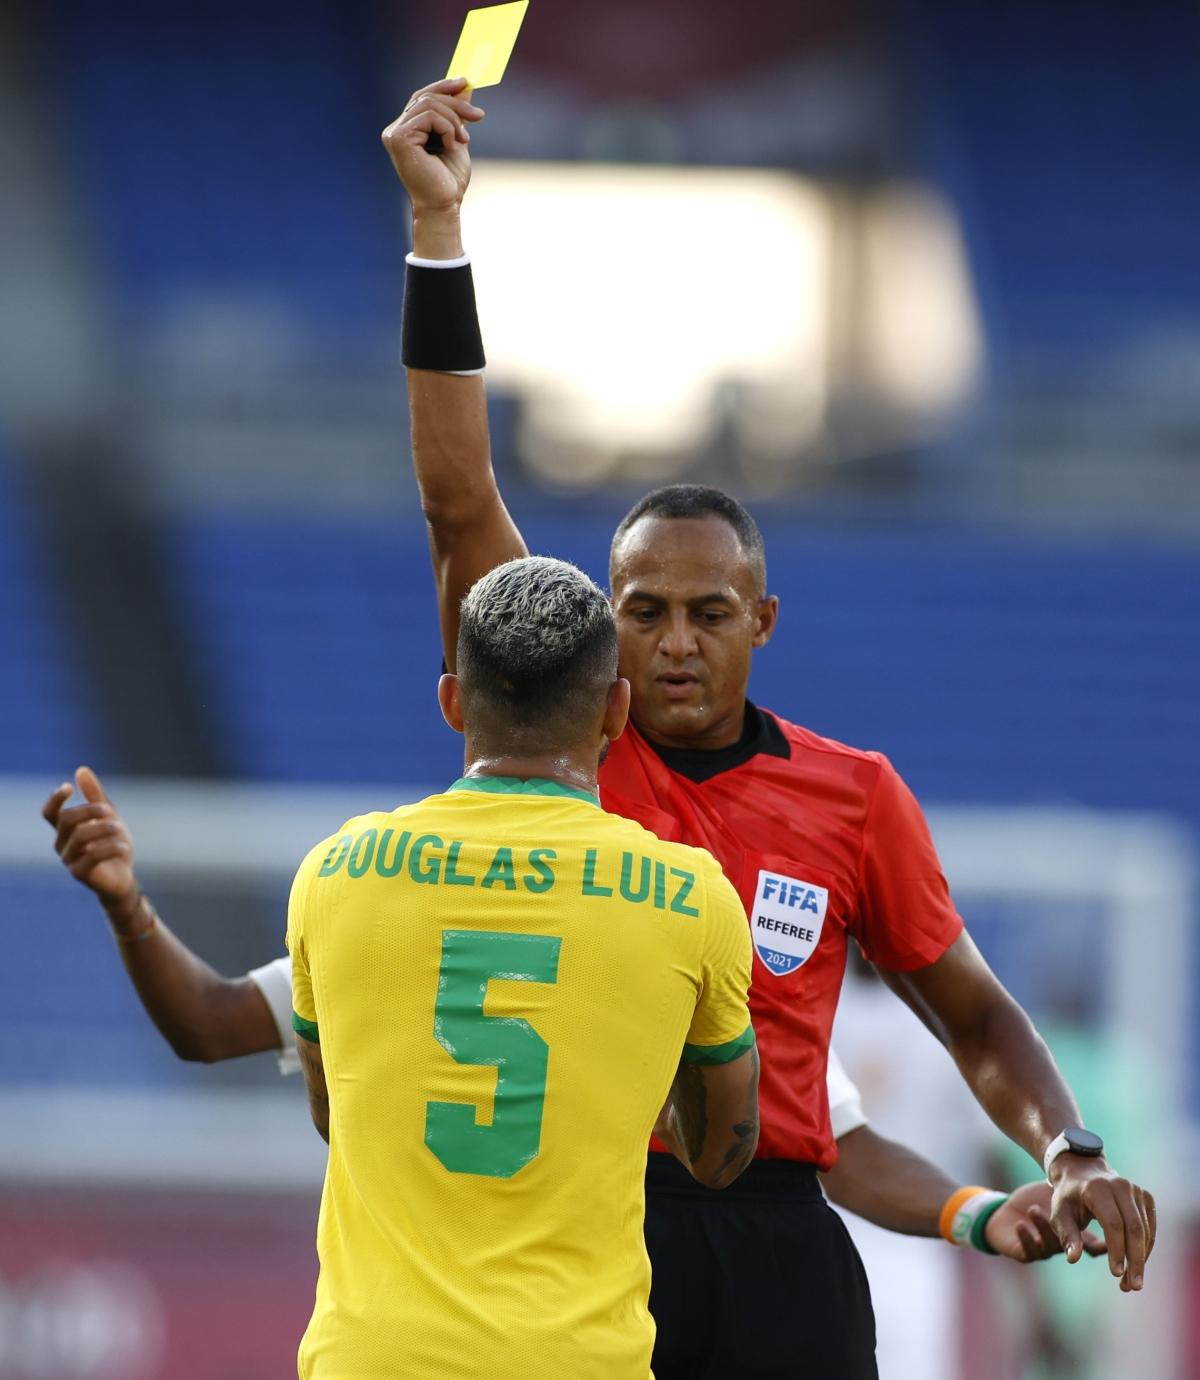 Trọng tài lúc đầu chỉ rút thẻ vàng với Luiz nhưng sau khi tham khảo VAR đã quyết định truất quyền thi đấu trung vệ của Brazil ở phút 14. (Ảnh: Reuters).